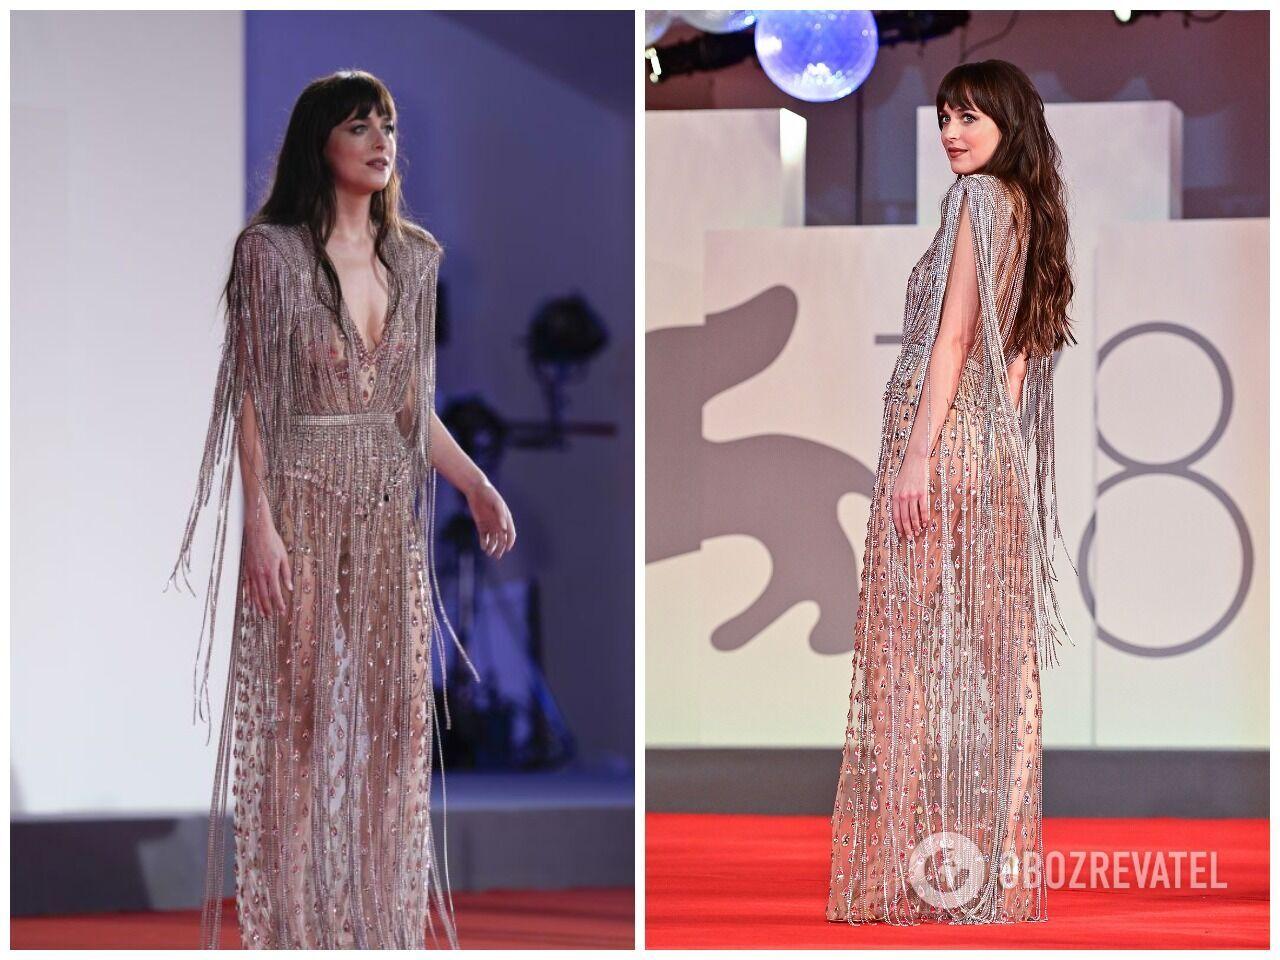 Дакота Джонсон в платье от Gucci